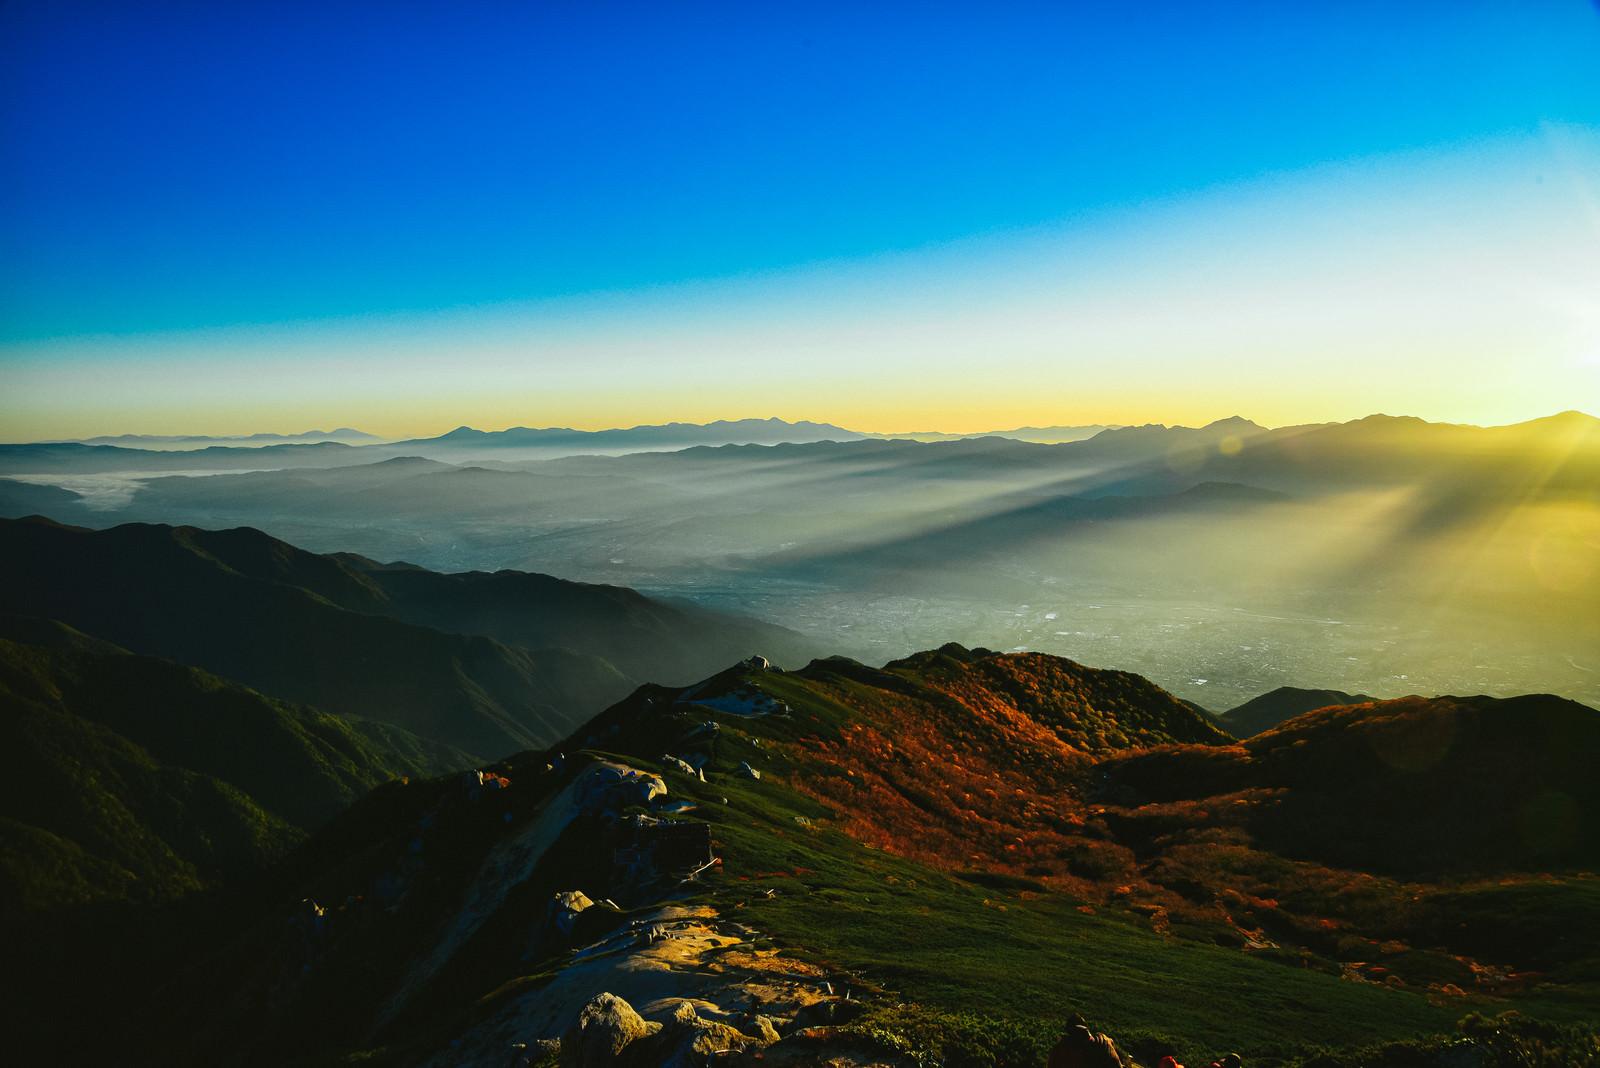 「降り注ぐ天使の梯子と朝靄」の写真